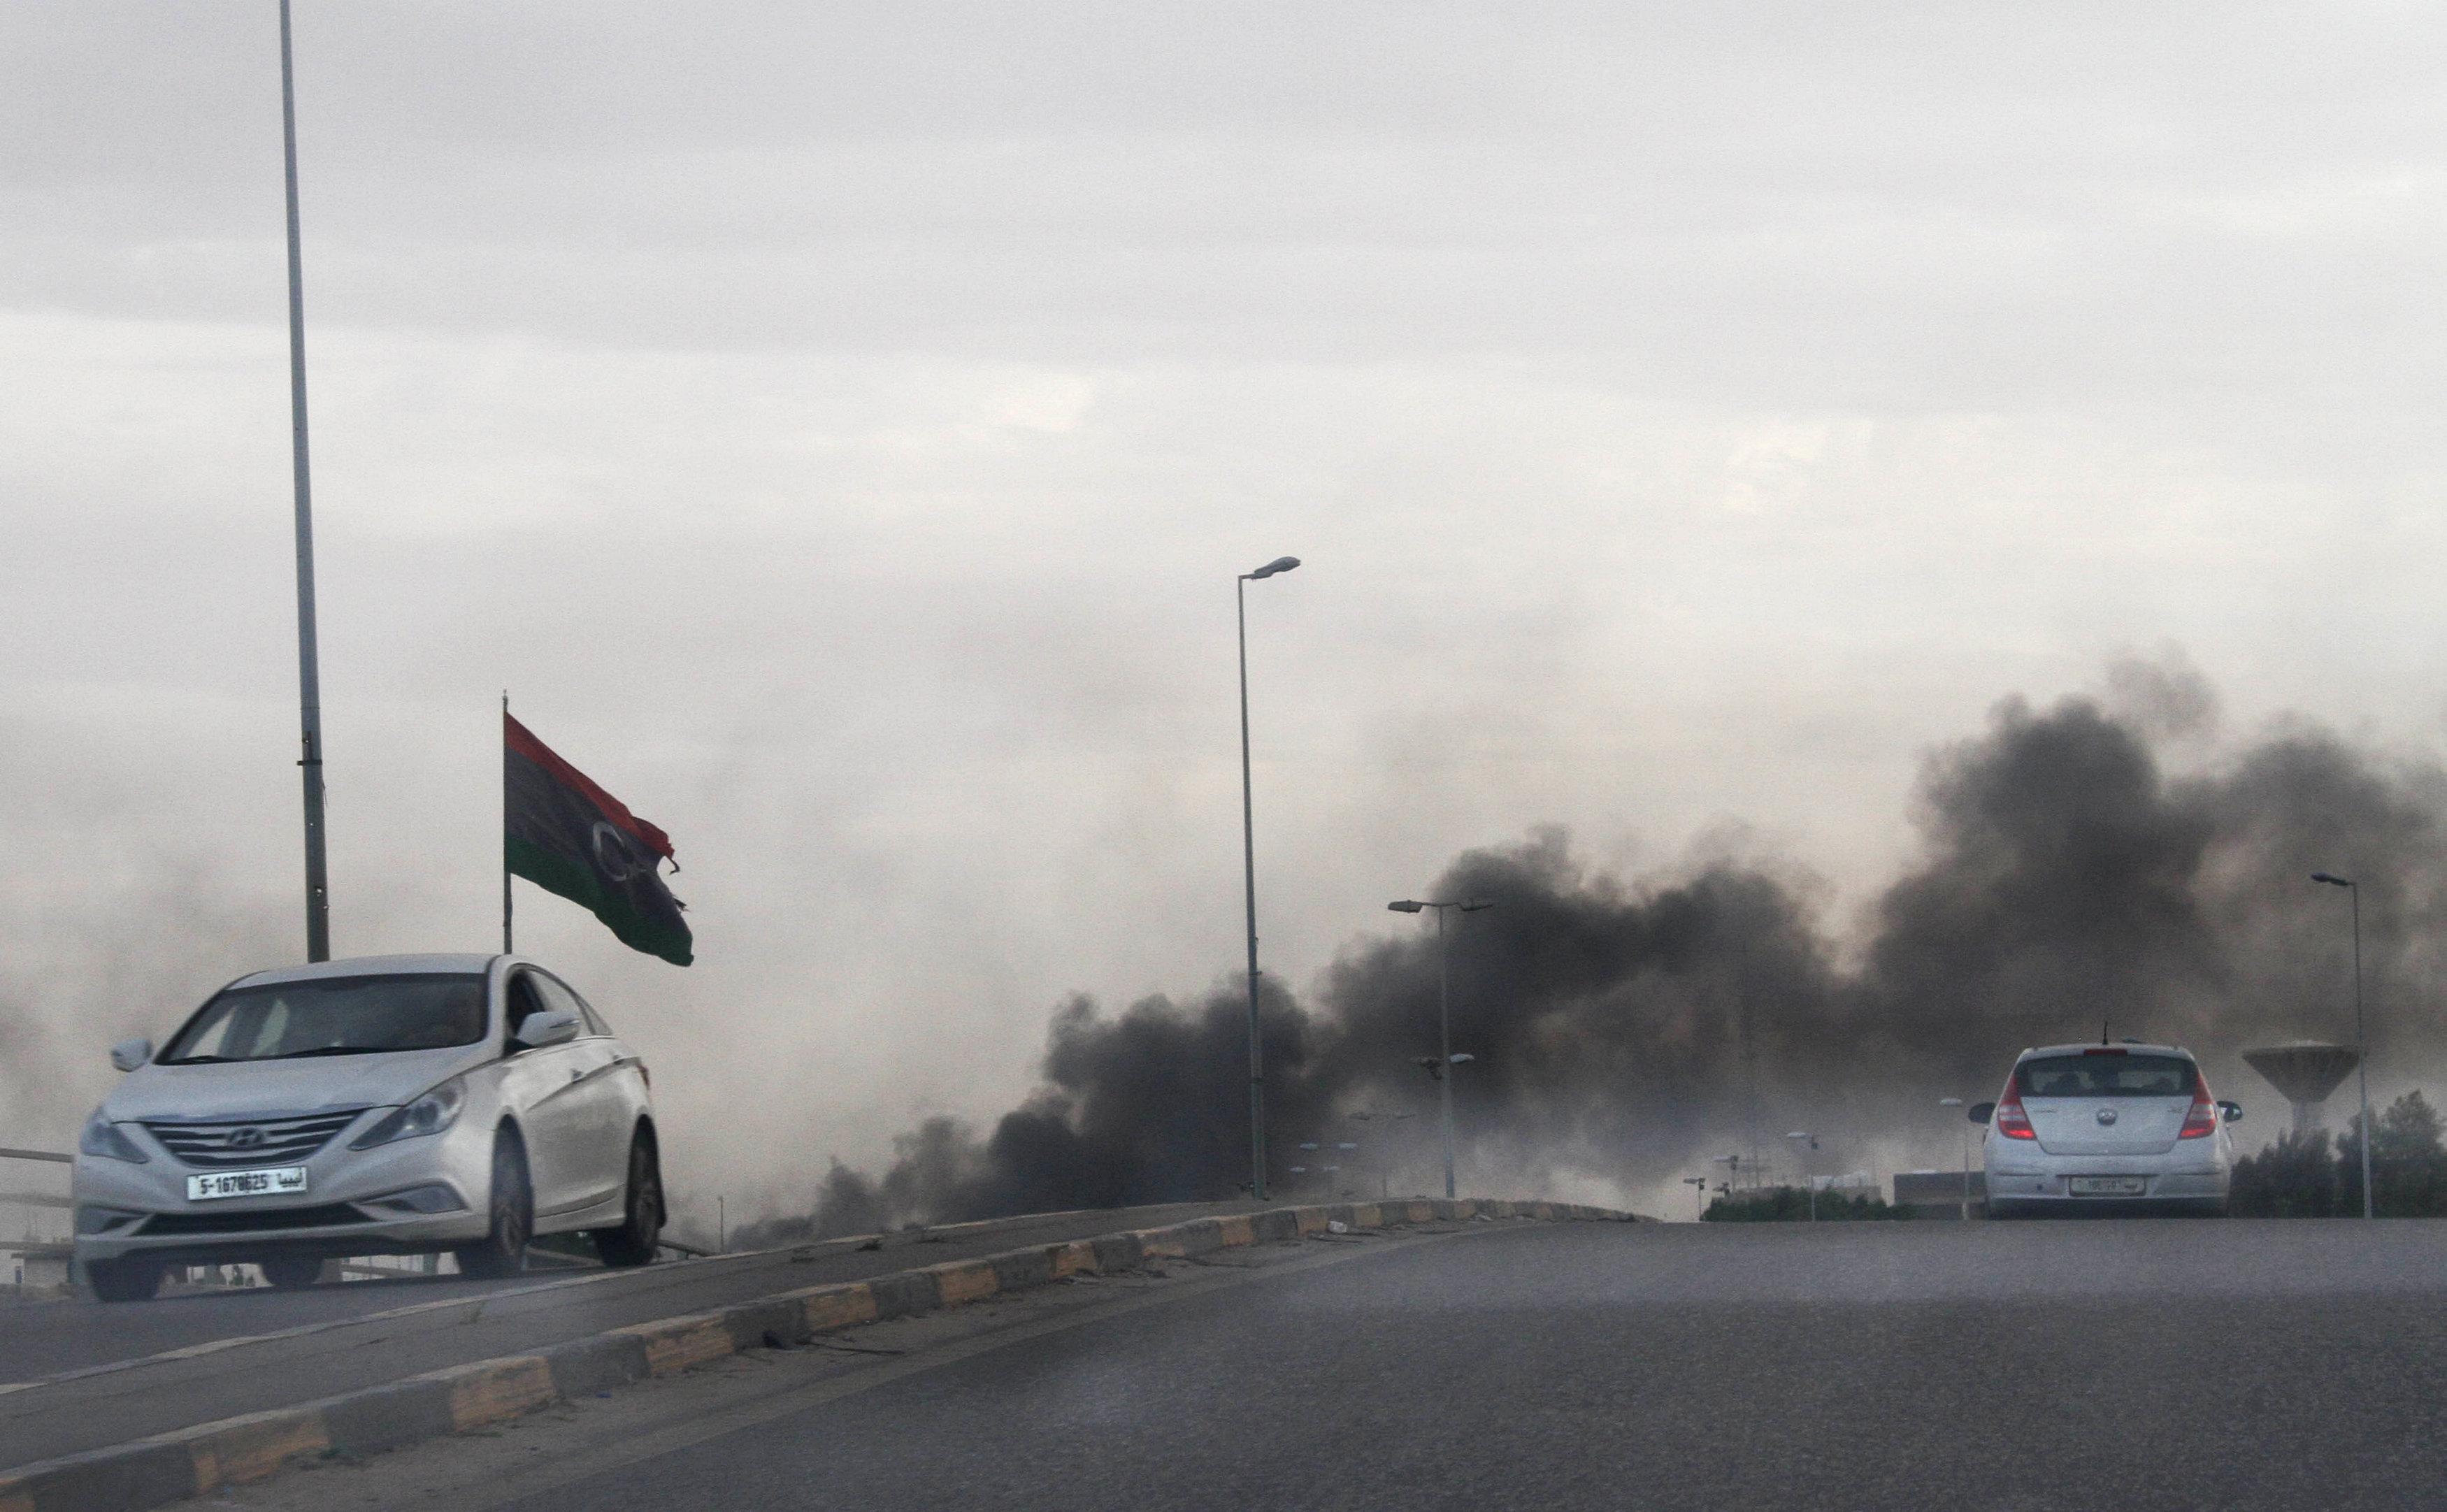 انبعاث الدخان فى طرابلس بعد اشتباكات بين المسلحين